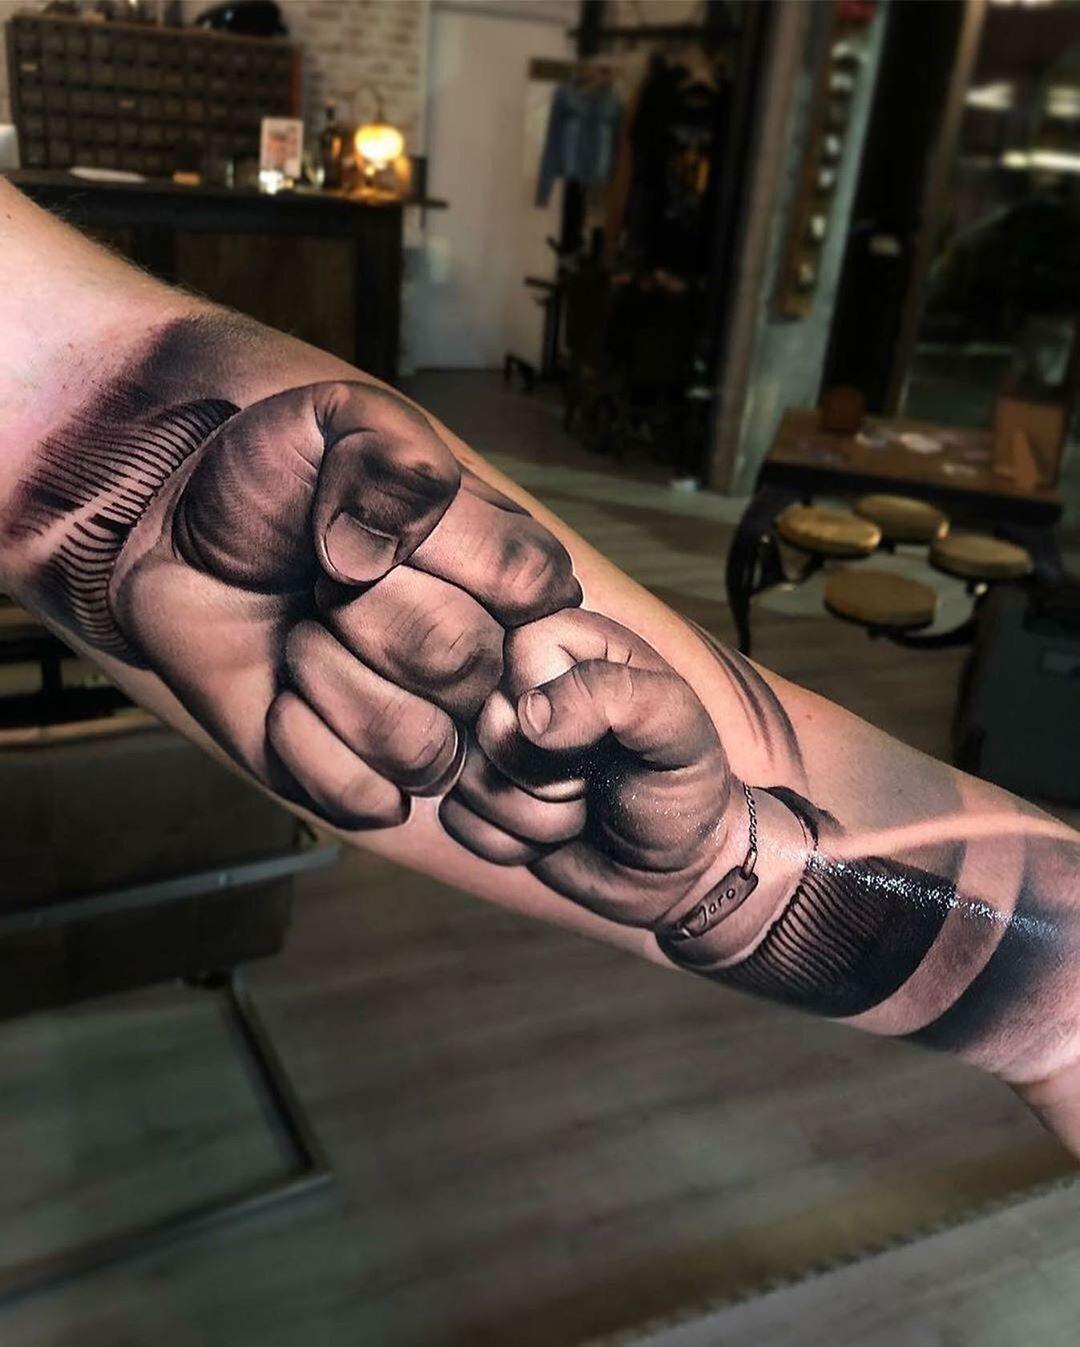 """➰Best Tattoo Styles➰ auf Instagram: """"ARTIST/ @rodrigopiedrabuenatattoo  - - - - - - - - - - - - - - - - - - - - - - - - - - - - - - - - #besttattoostyles #tattooartist…"""""""